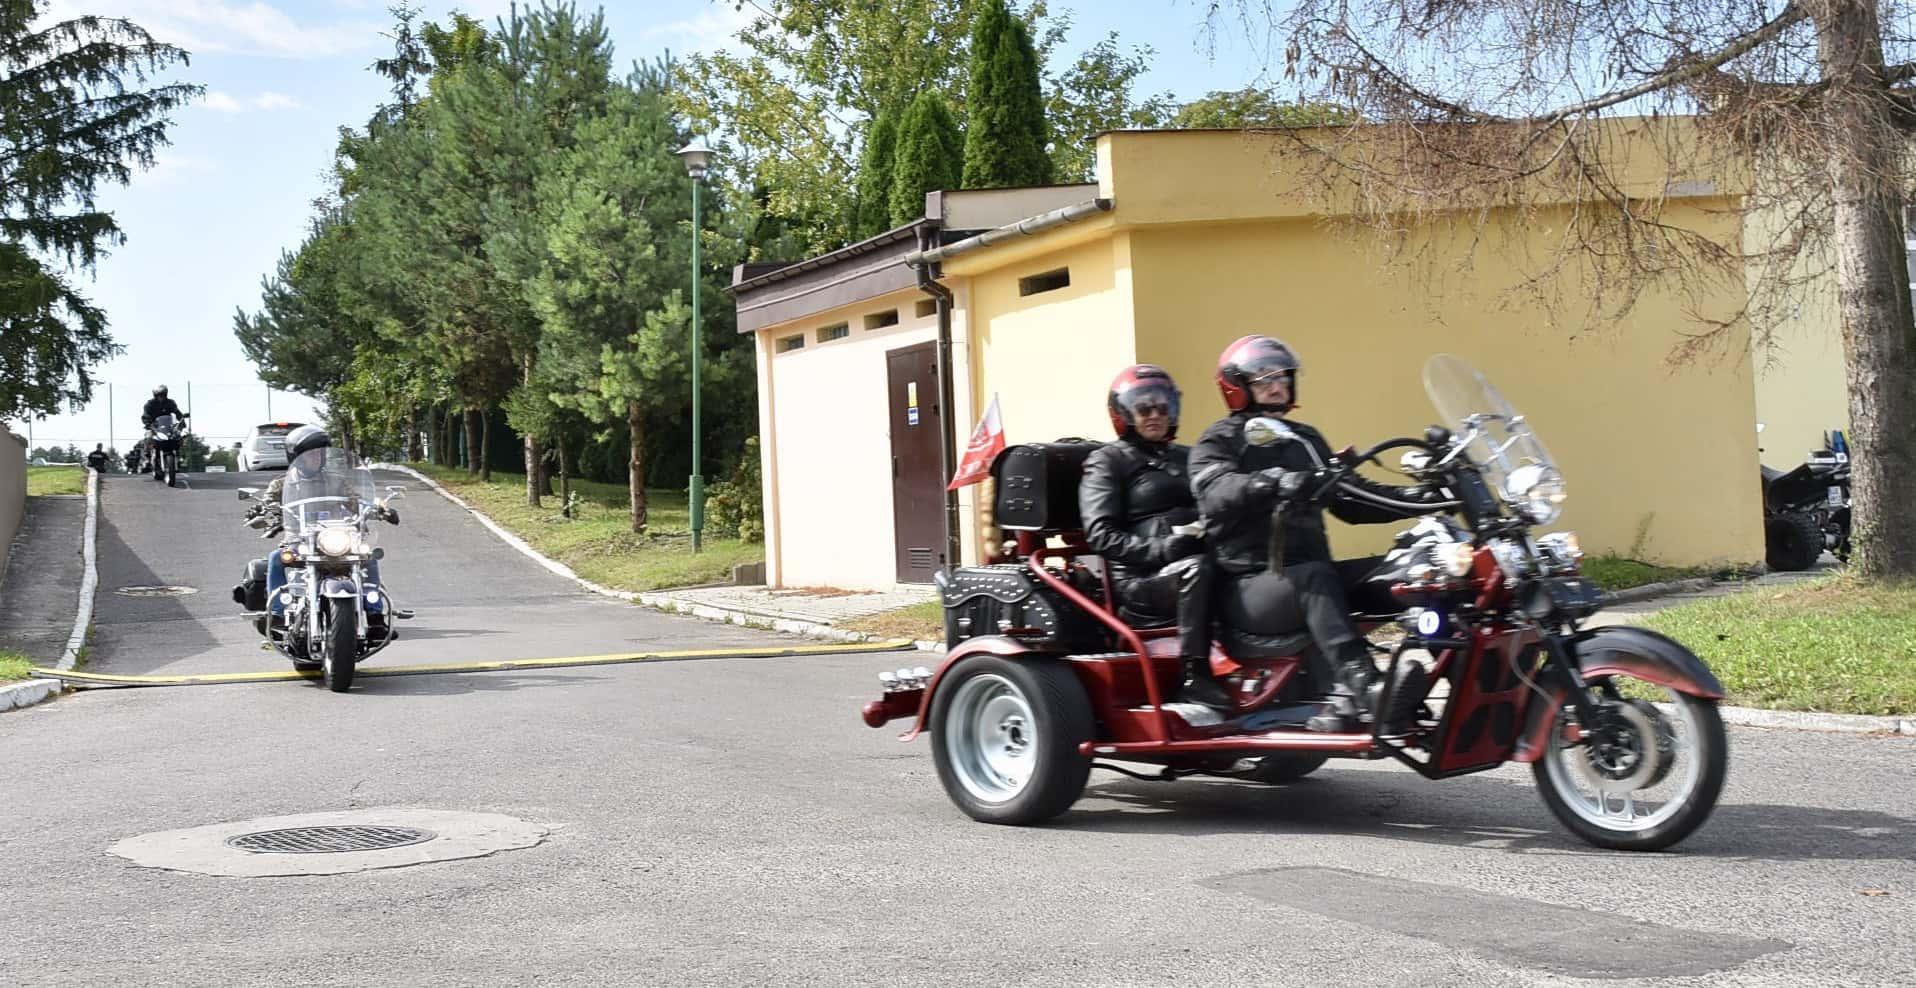 dsc 0421 Trwa impreza motoryzacyjna